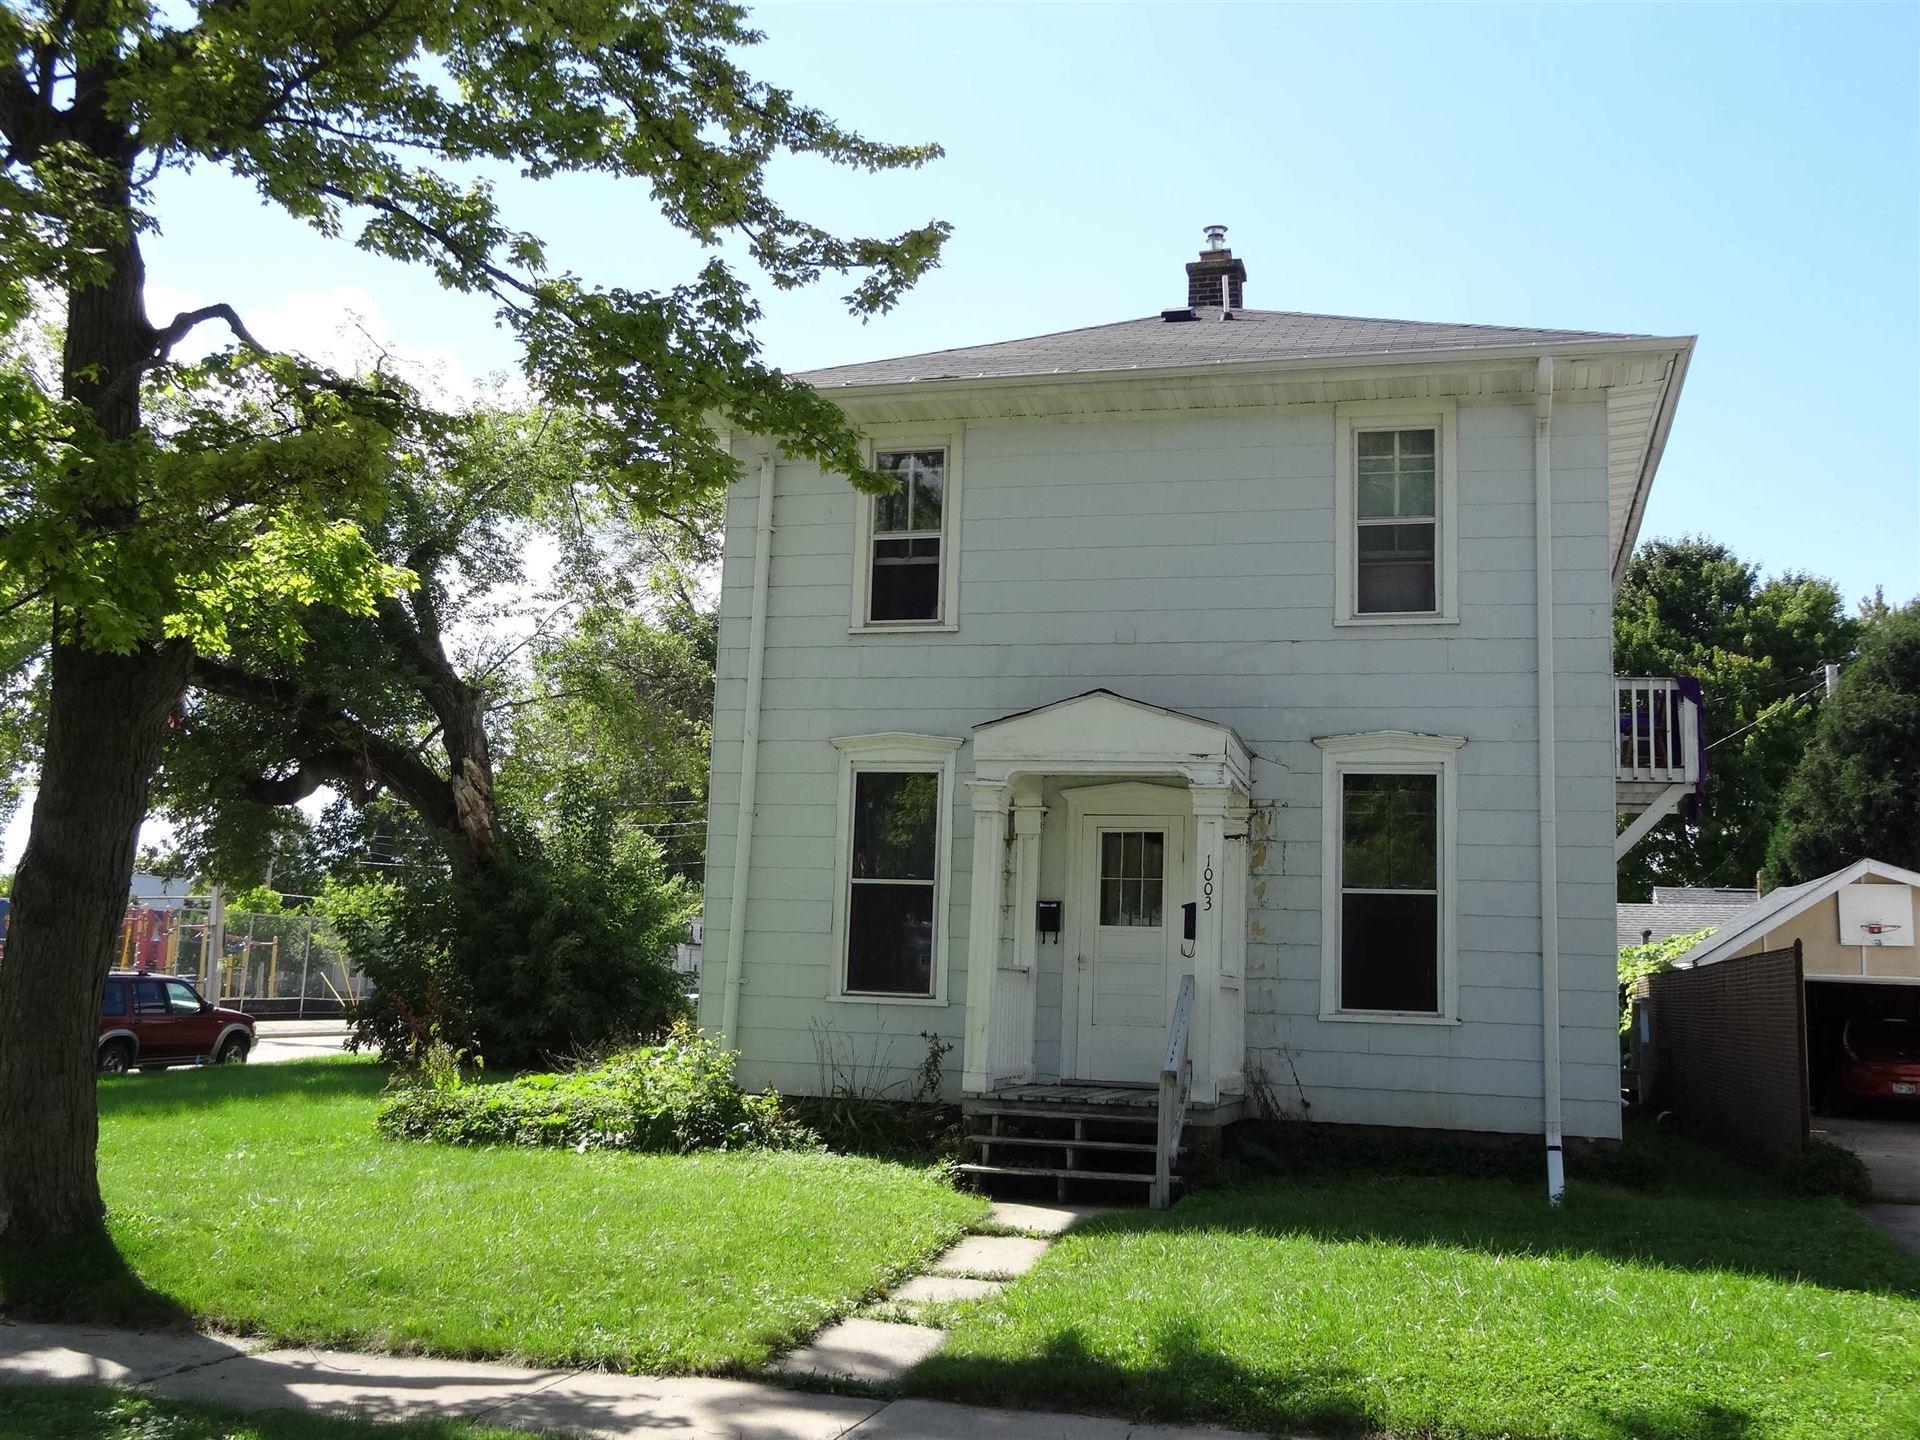 1003 N ONEIDA Street, Appleton, WI 54911 - MLS#: 50247111